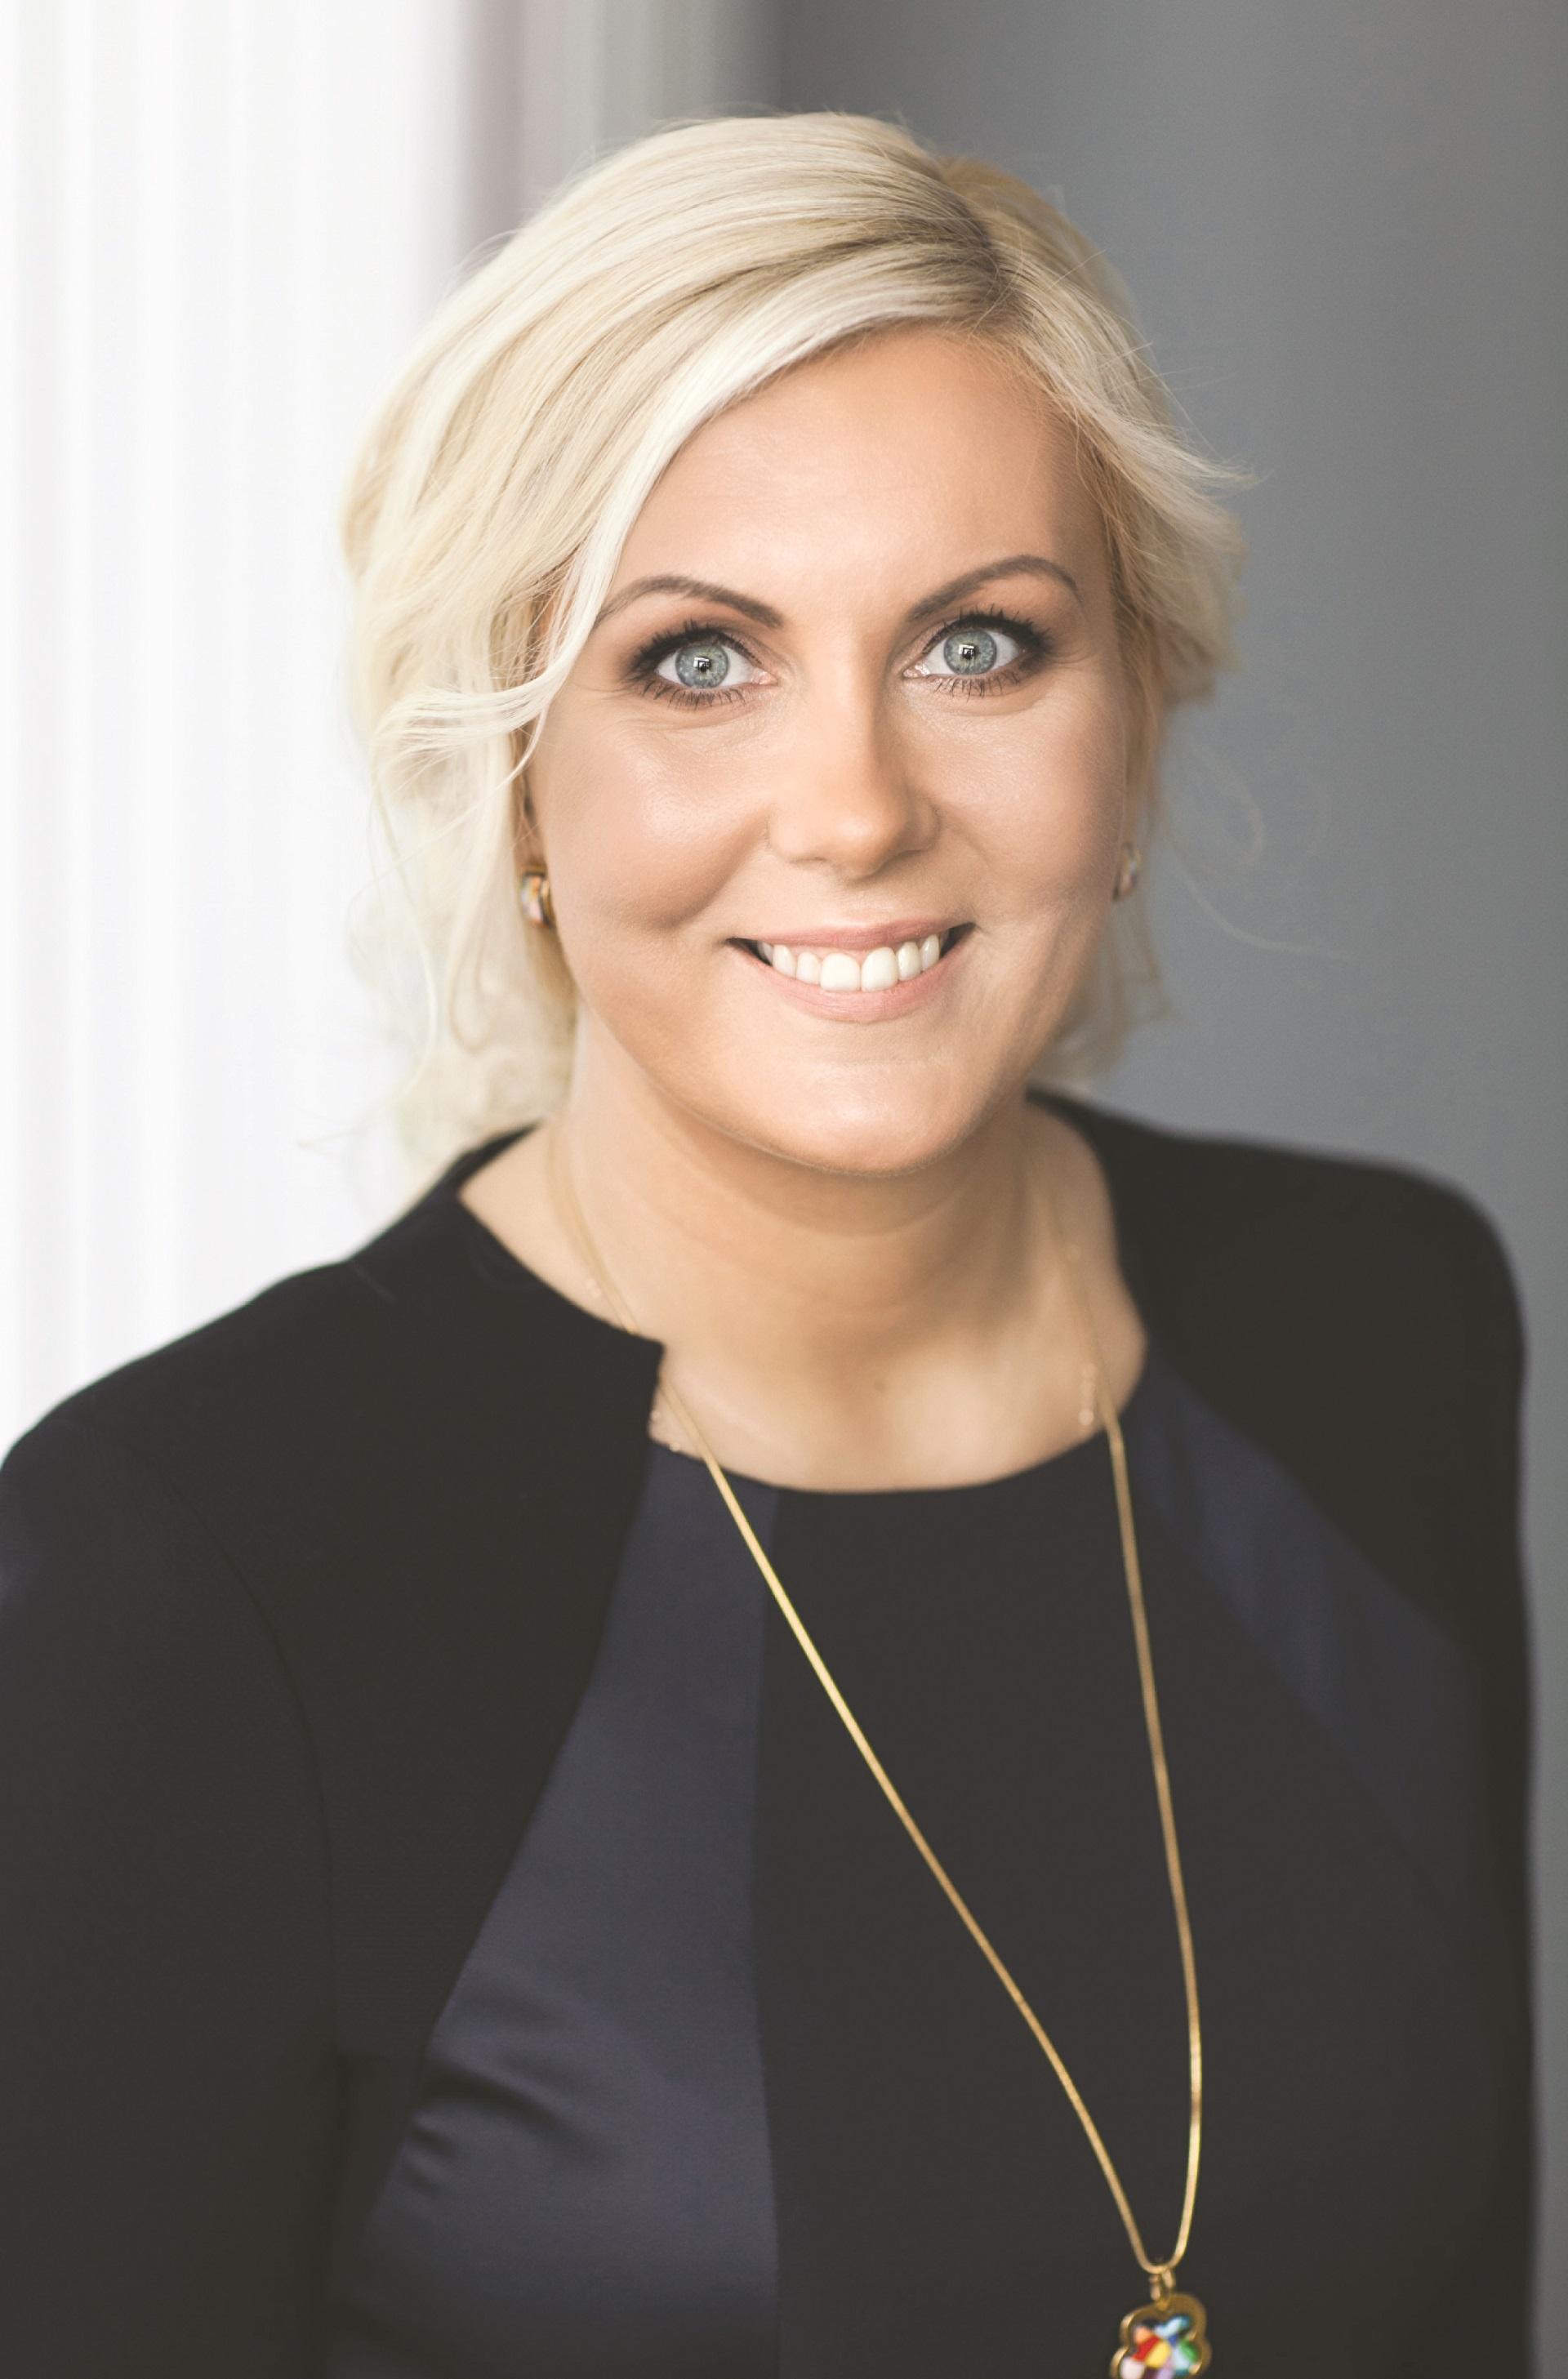 """Bendrovės """"Intrum"""" direktorė Baltijos šalyse Ilva Valeika. Asmeninio archyvo nuotr."""